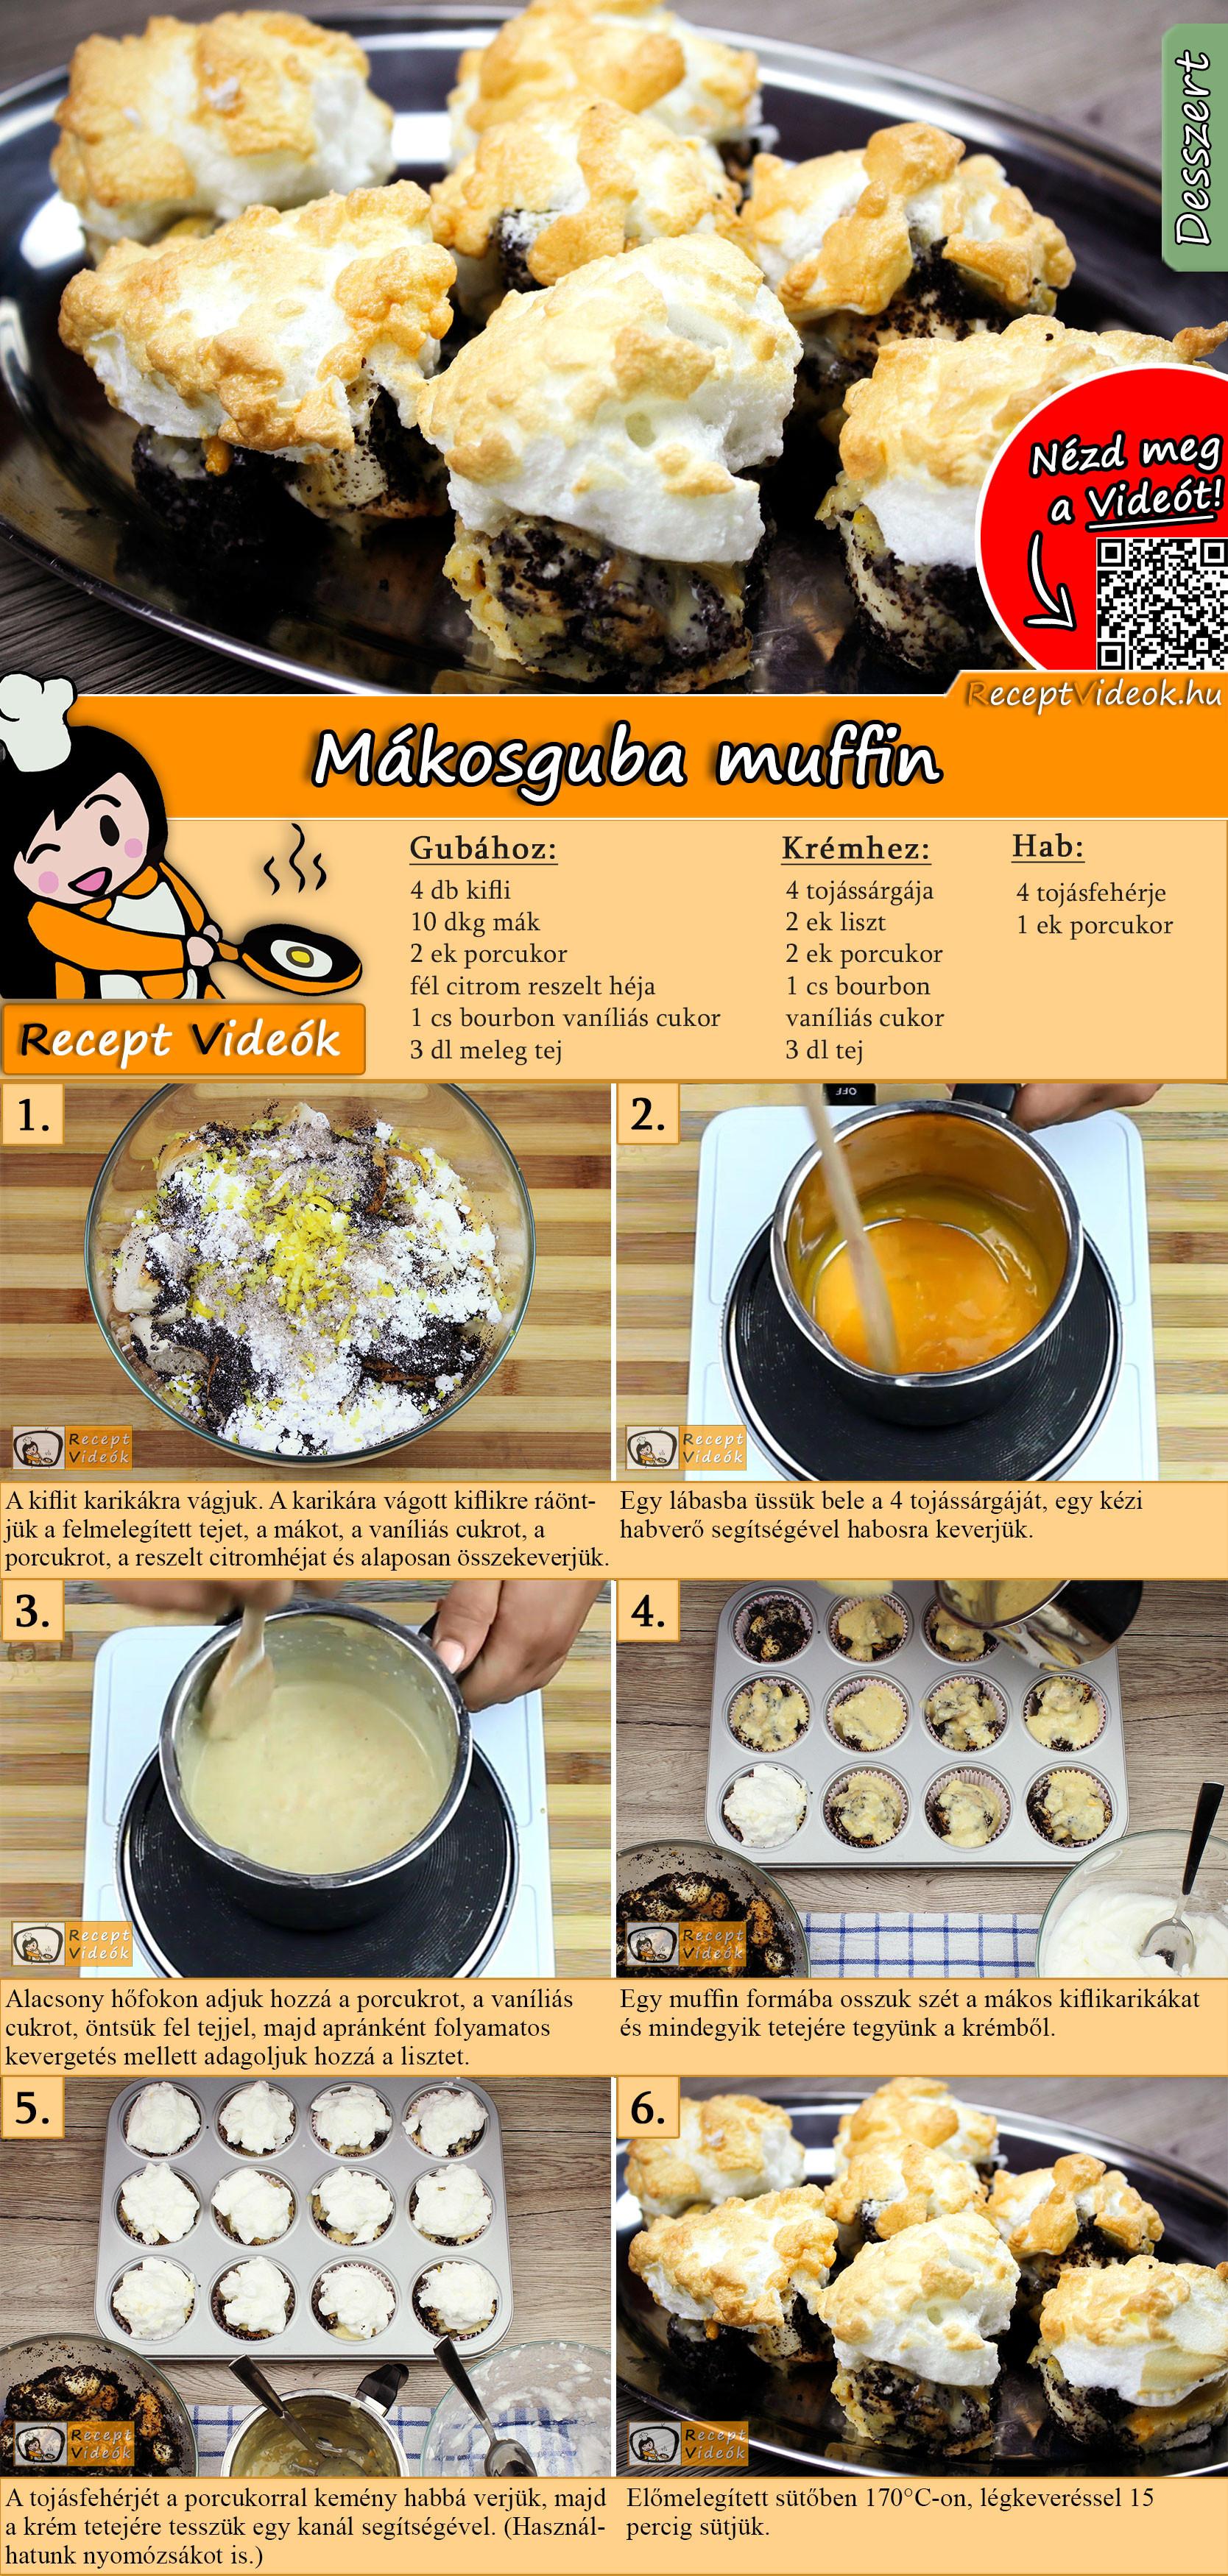 Mákosguba muffin recept elkészítése videóval